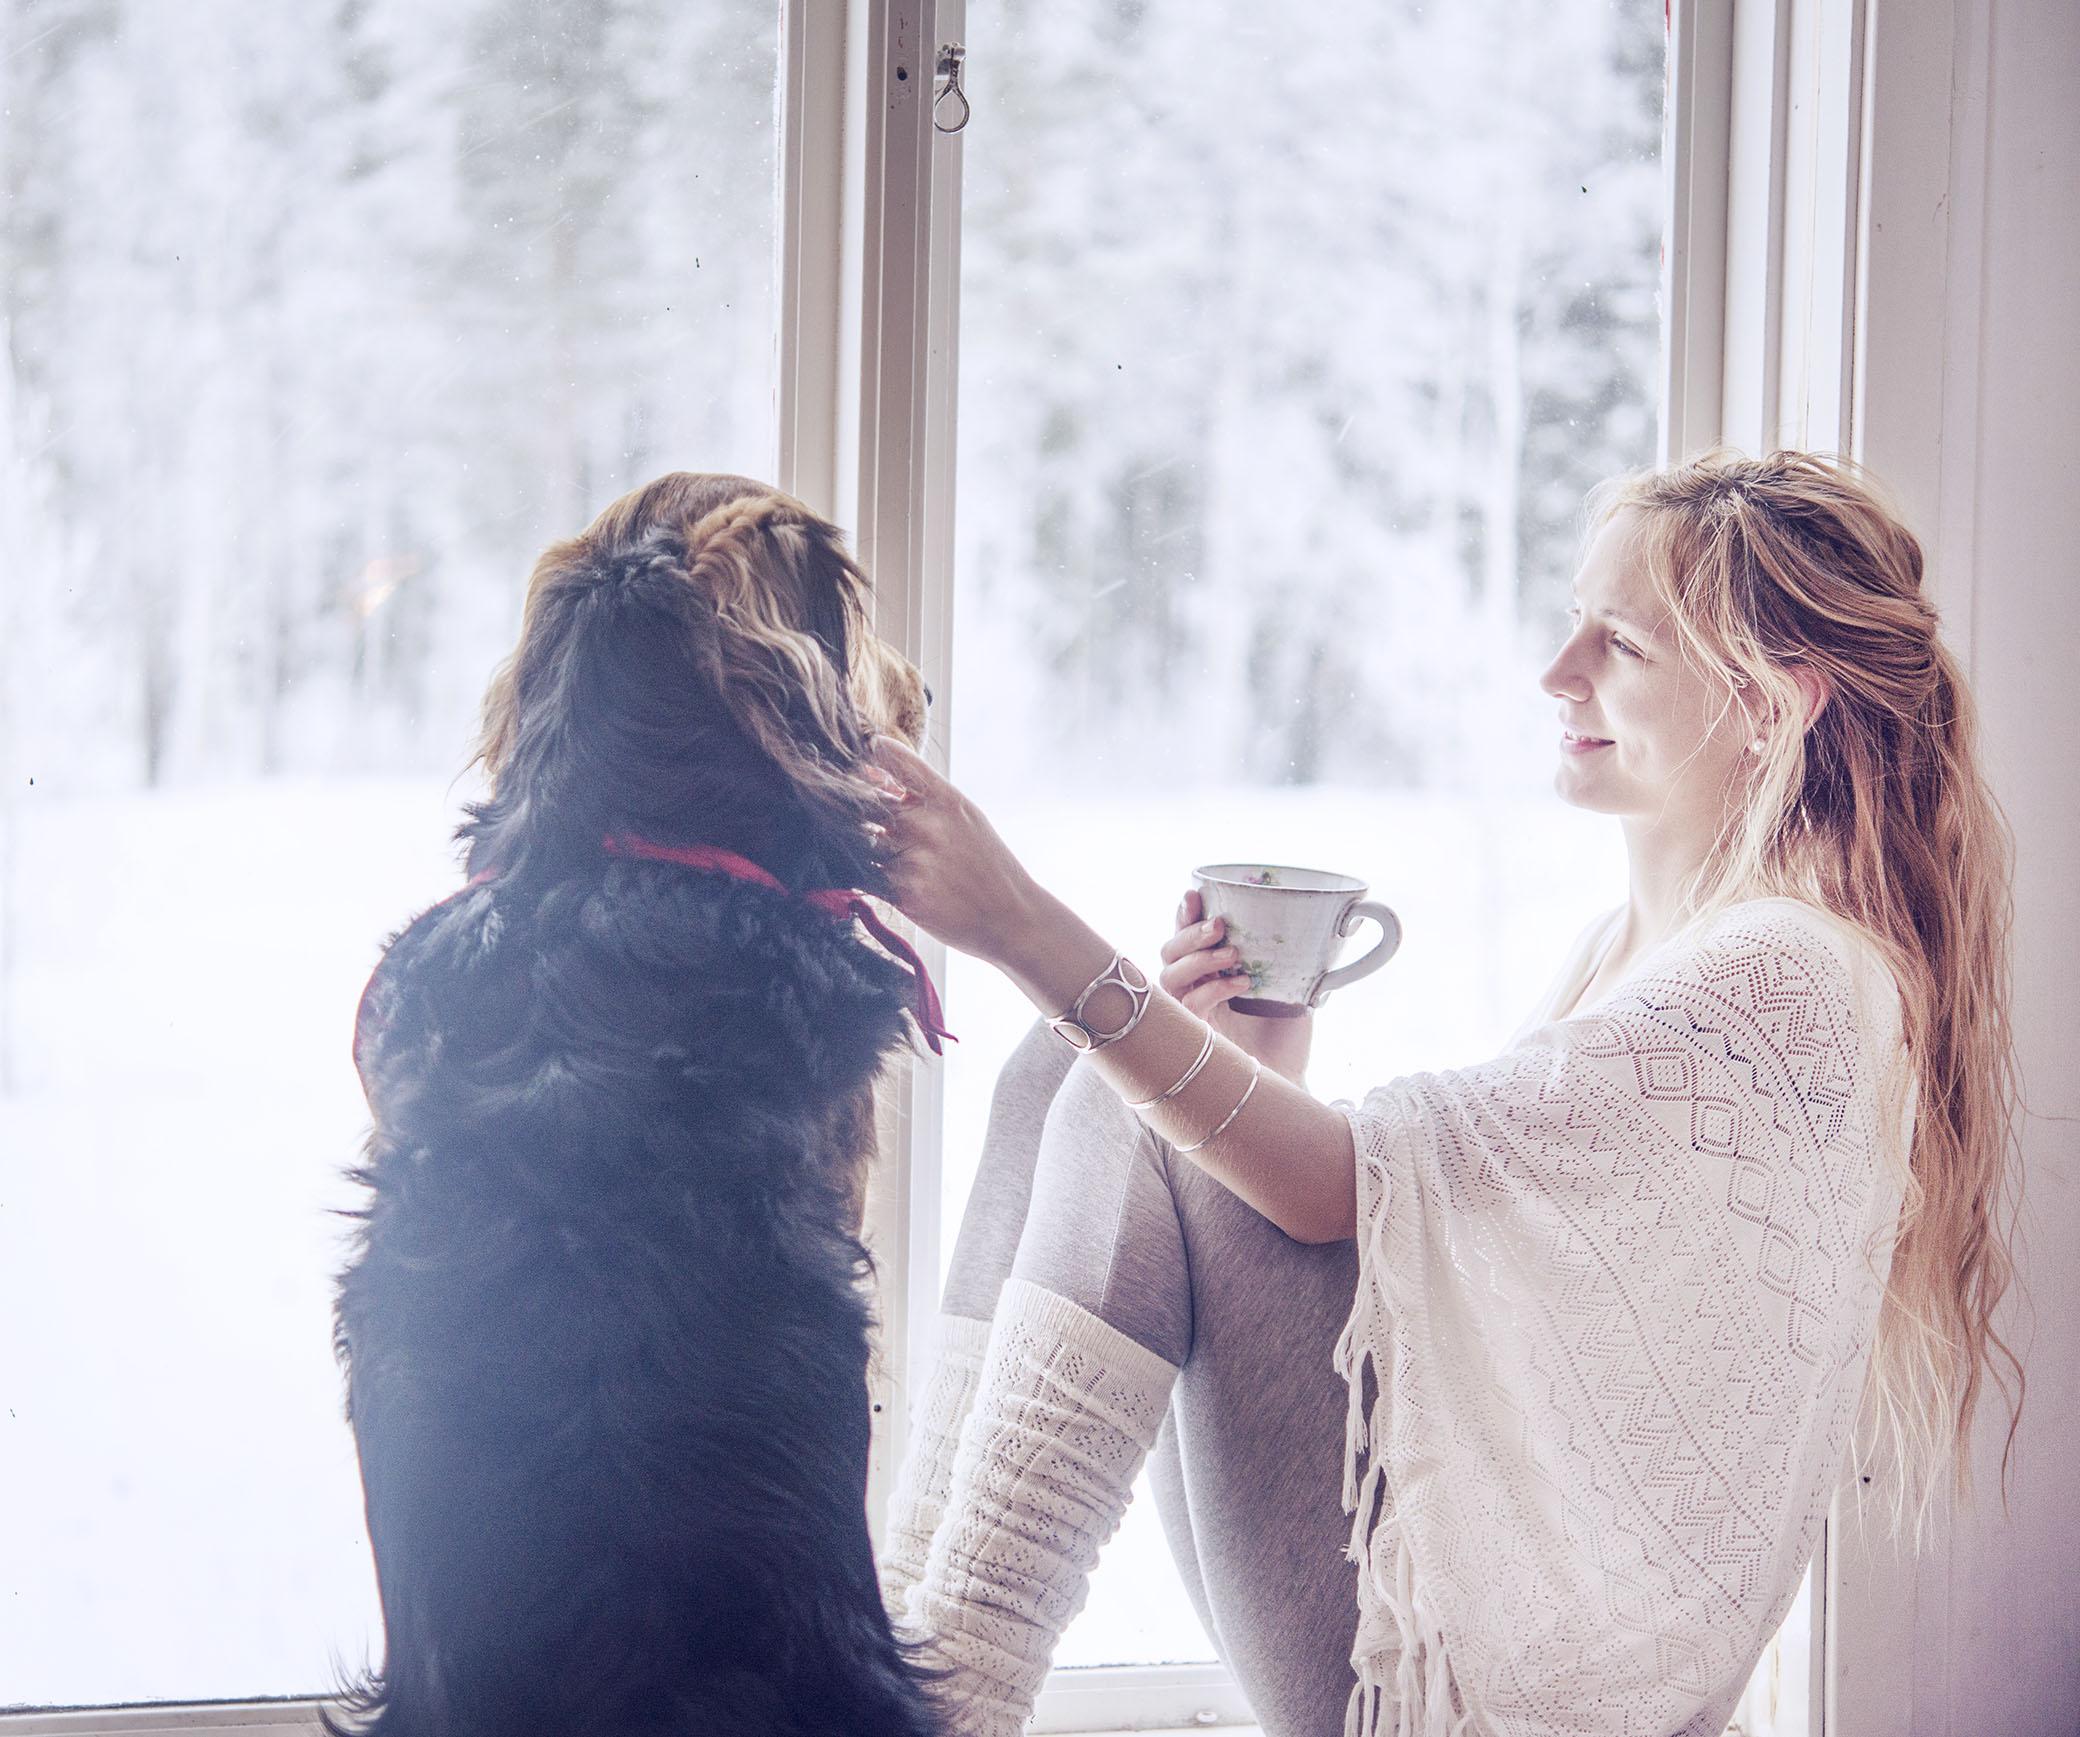 Januari. En av årets allra första dagar, runt 2-3 januari. Jag minns den så väl. Jag satt i fönstret och filosoferade och kände en känsla av något nytt. Inte bara som om jag vänt blad. Mer som om jag börjat på ett helt nytt kapitel i livet. Allt kändes vitt och orört. Som om ett lager av vacker nysnö lagt sig över världen och suddat ut allt gammalt. Jag kände mig redo för en nystart.